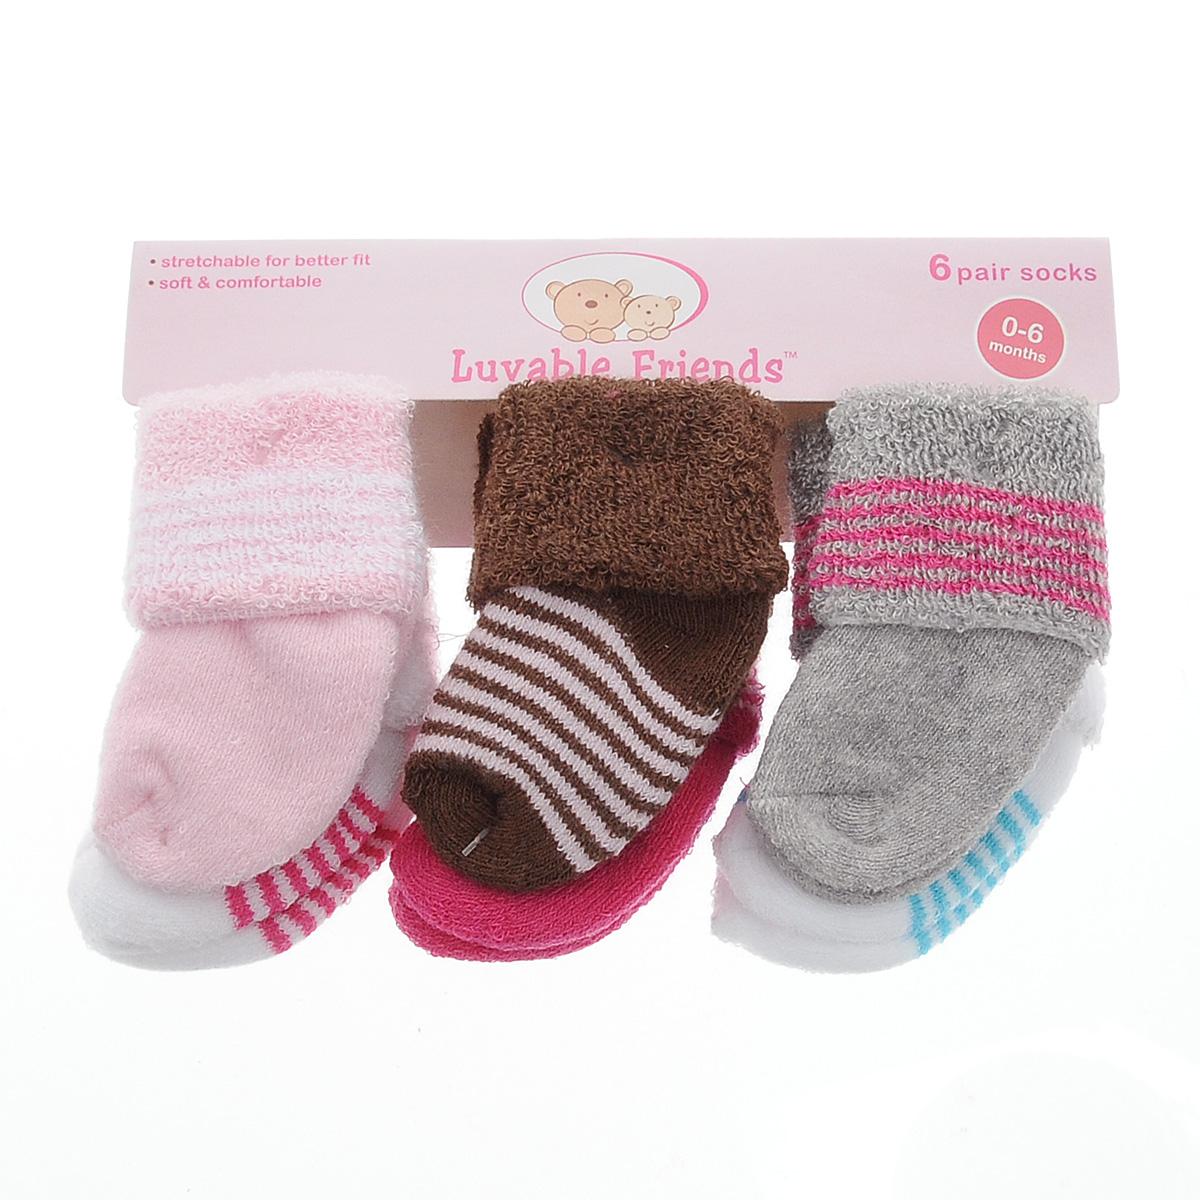 Носки20615Комфортные, прочные и красивые детские носки Luvable Friends, махровые внутри, очень мягкие на ощупь, а широкая резинка-отворот плотно облегает ножку ребенка, не сдавливая ее, благодаря чему малышу будет комфортно и удобно. Комплект состоит из шести пар носочков различной расцветки.